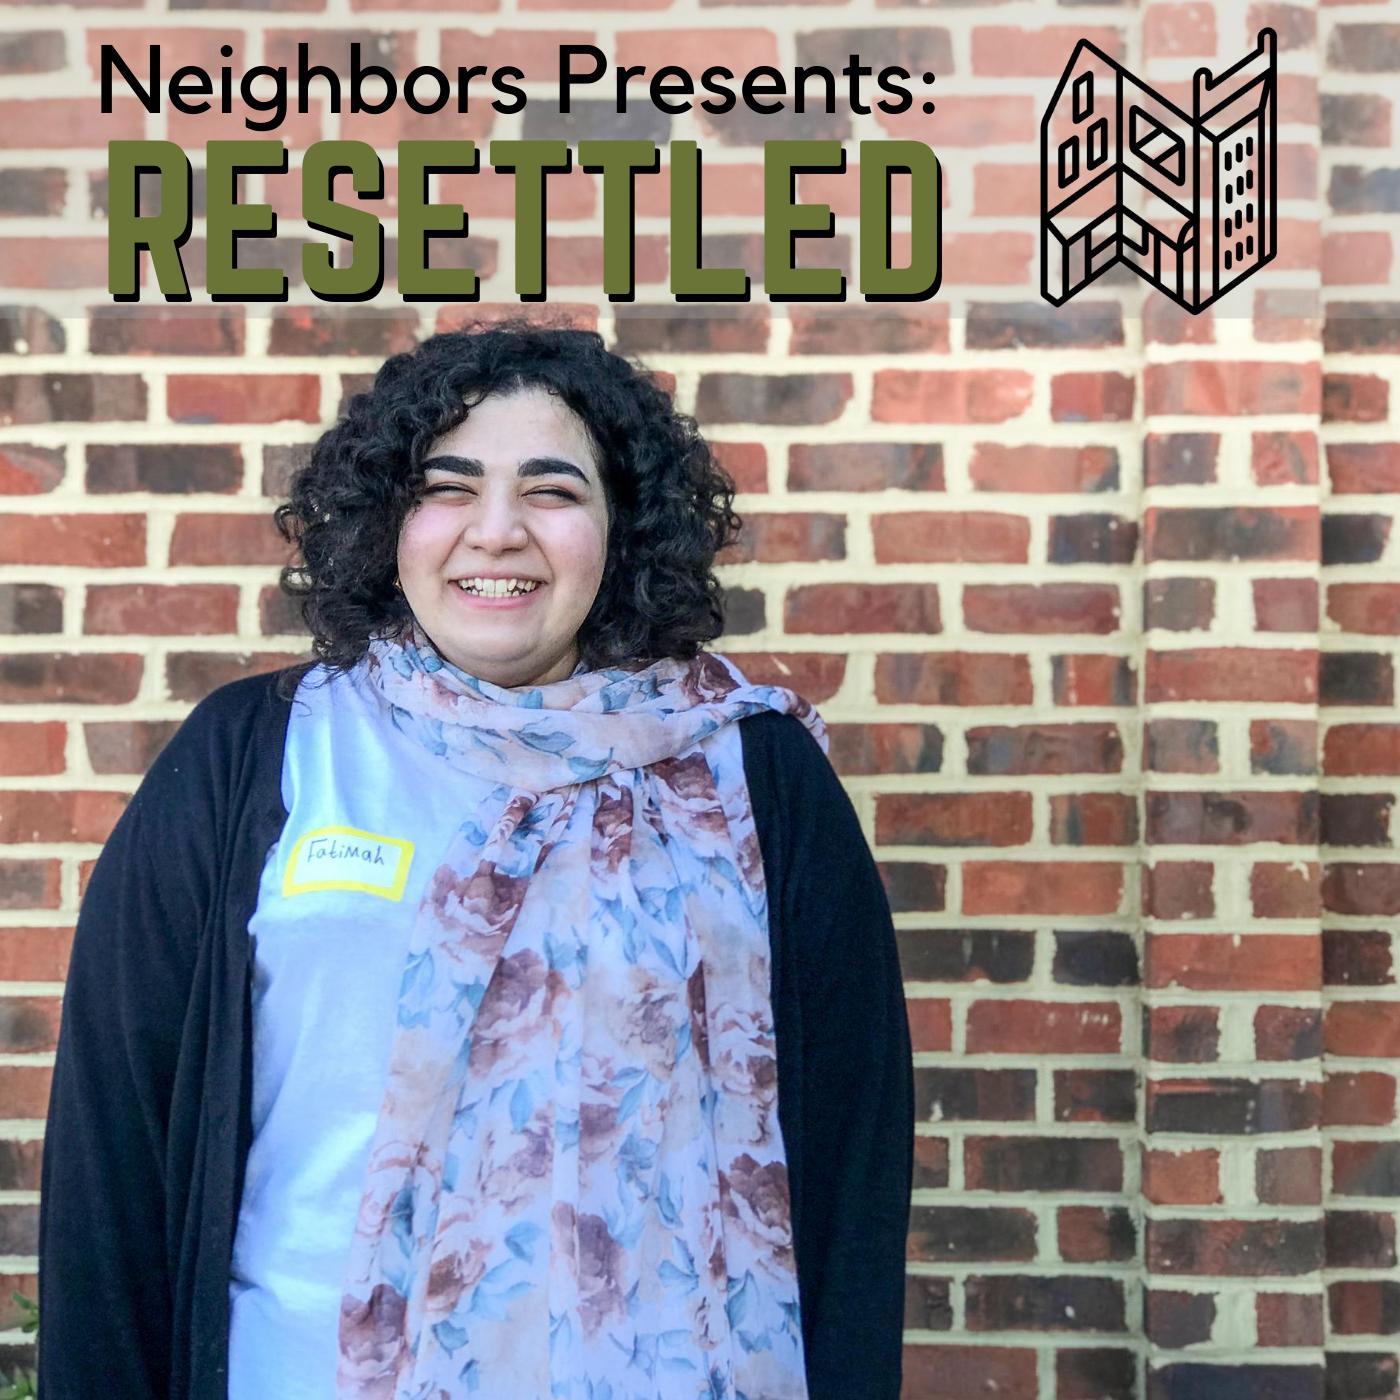 Neighbors presents: Resettled